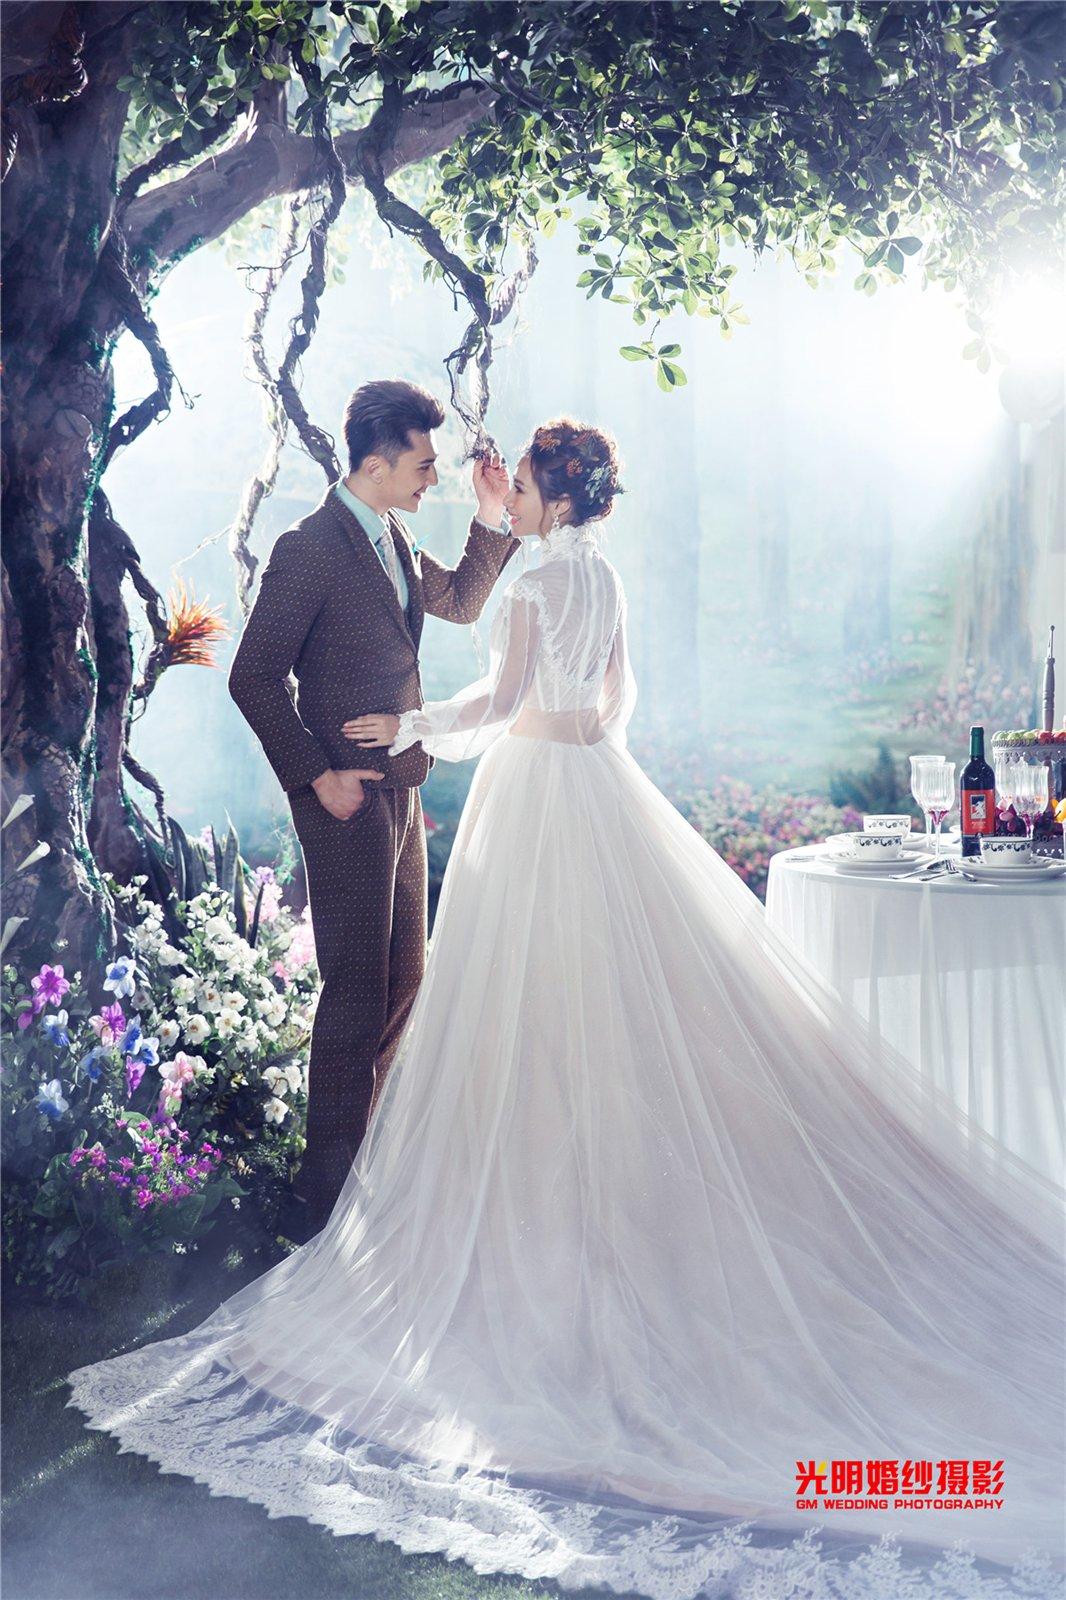 森林系婚礼_作品欣赏_遂平县光明婚纱摄影